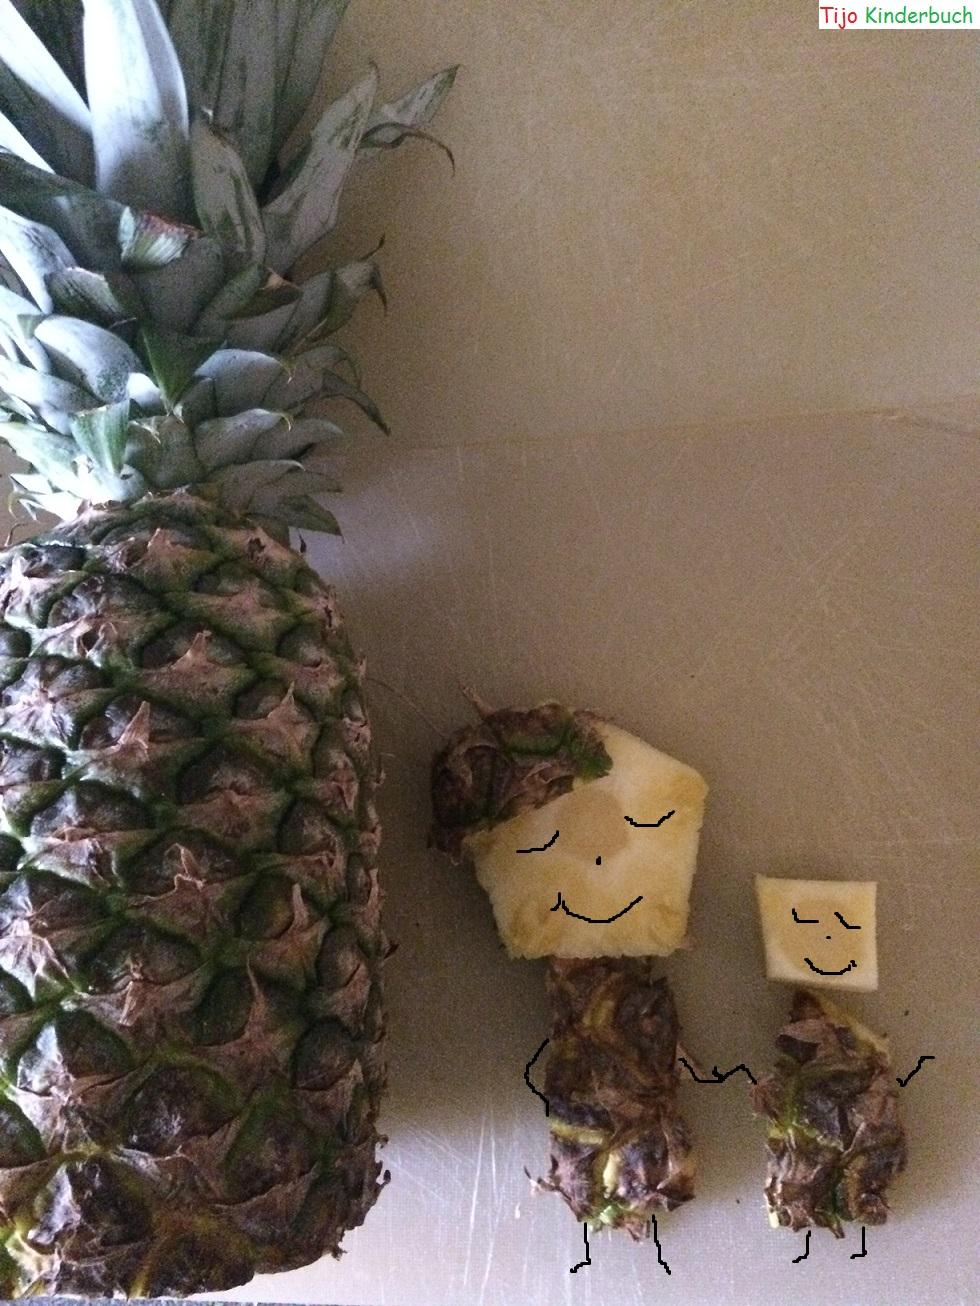 Ananasmännchen